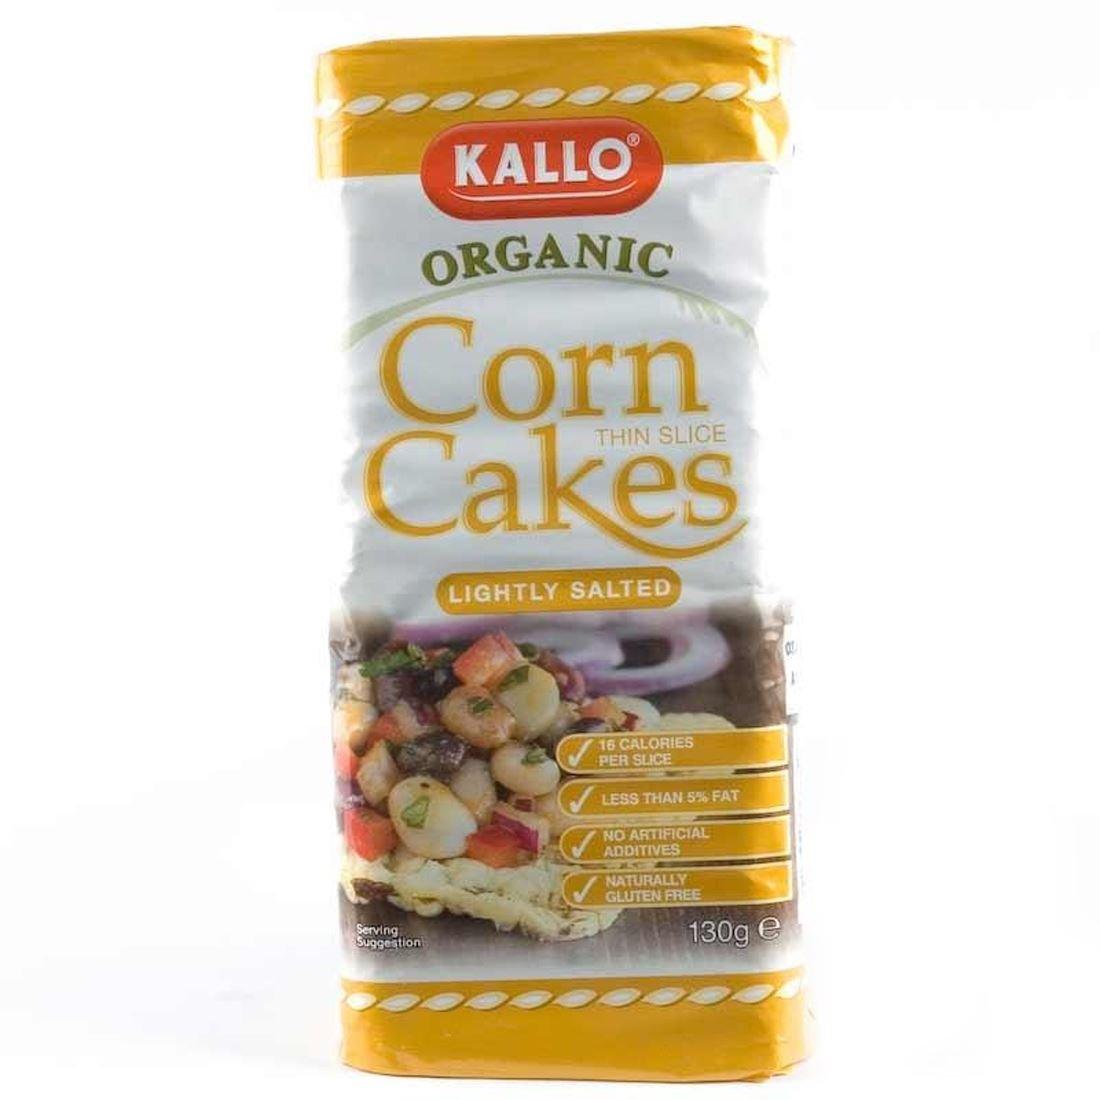 Kallo | Corn Cakes OG | 1 x 130g